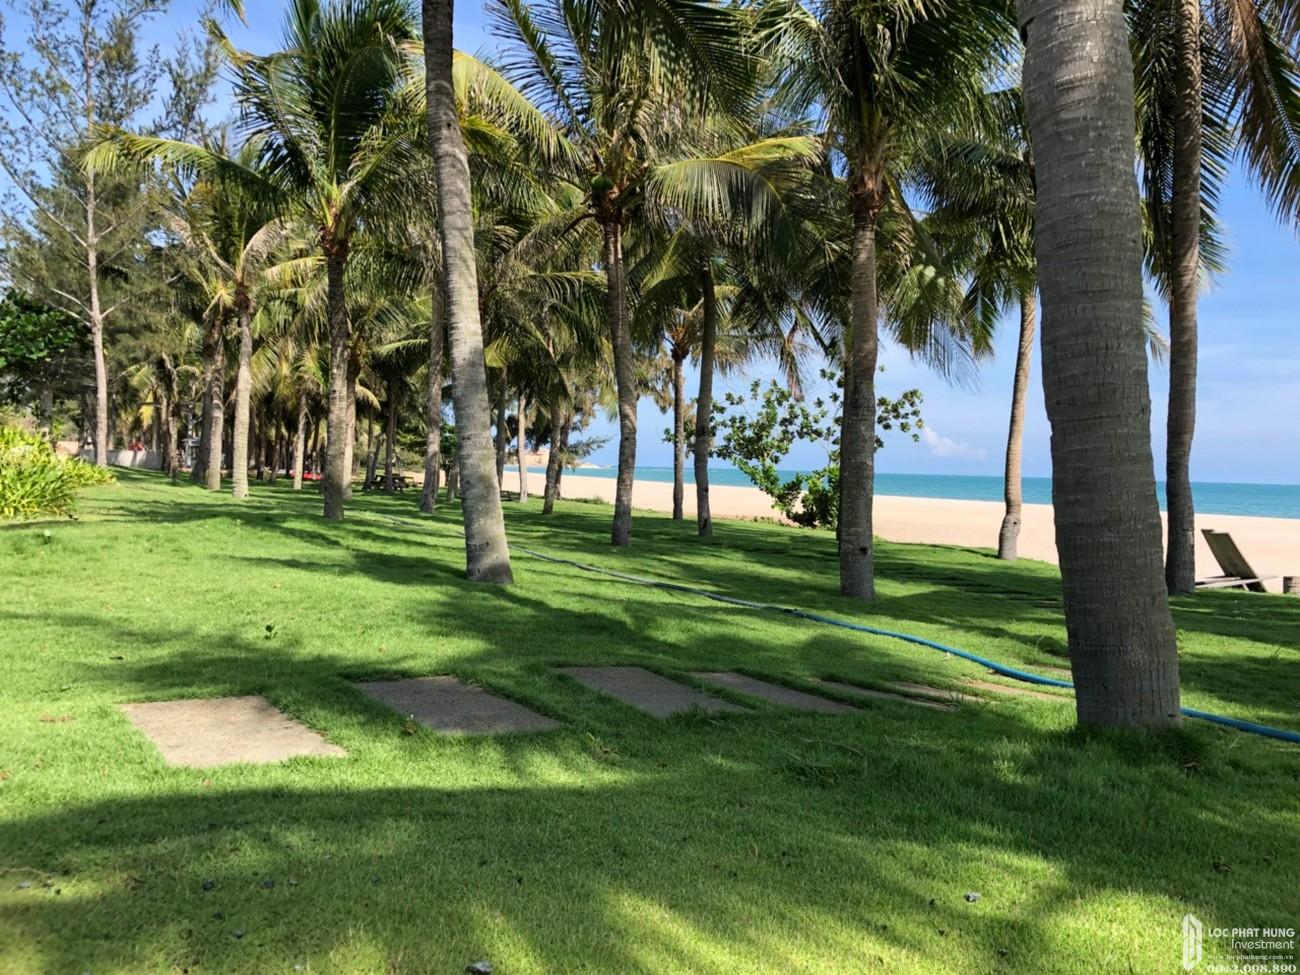 Hiện trang căn hộ condotel + Officetel dự án Thanh Long Bay 15/05/2020 – Nhận ký gửi mua bán + Cho thuê